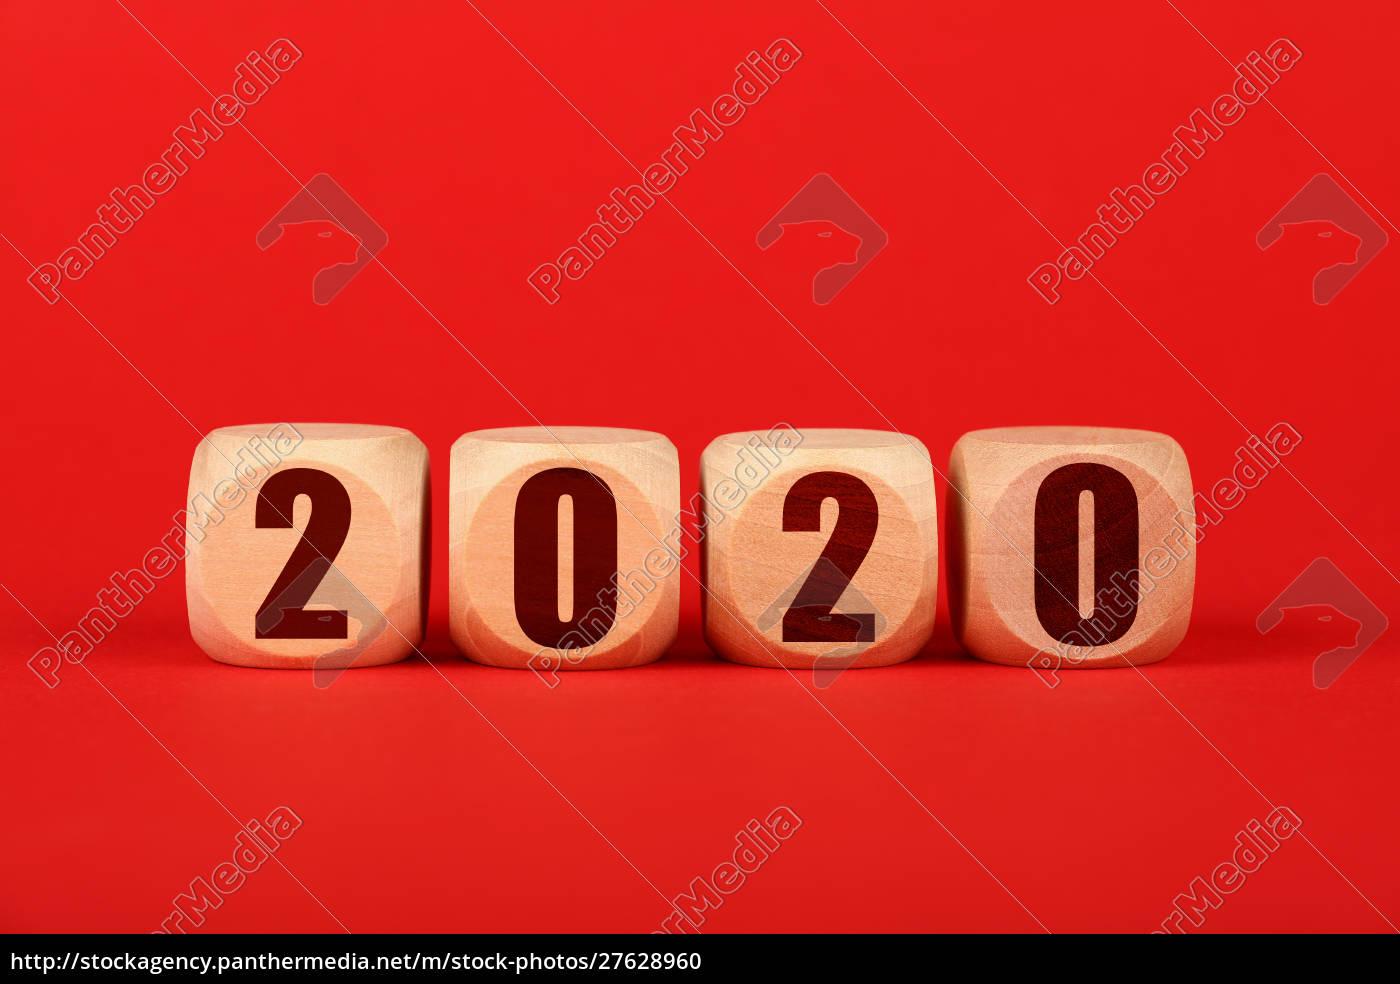 2020, sinais, de, cubo, de, madeira - 27628960